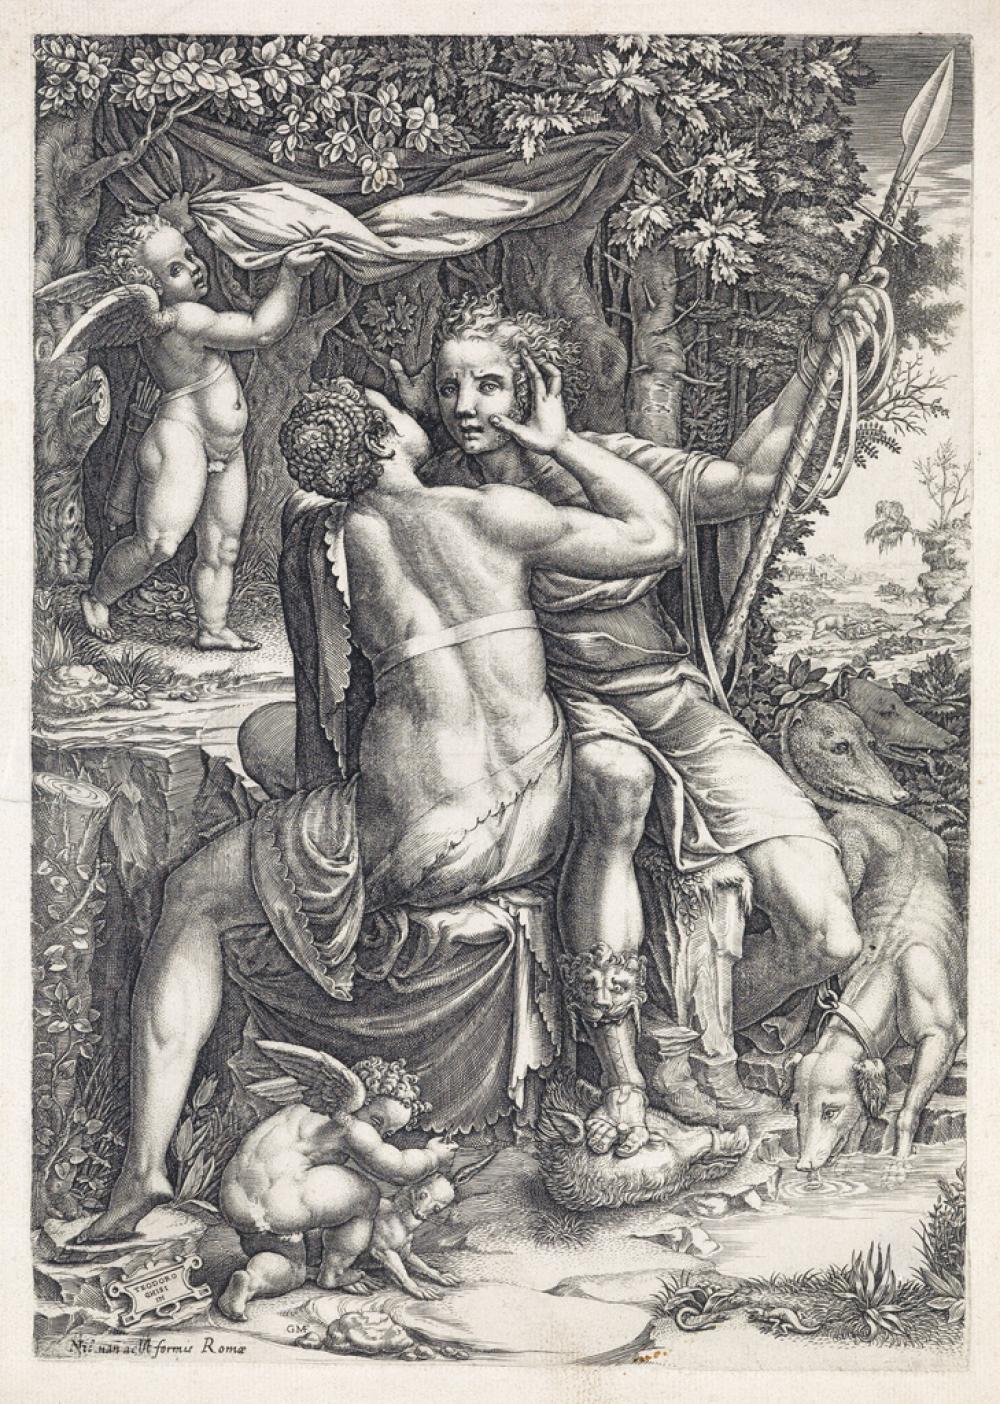 GIORGIO GHISI Venus and Adonis.